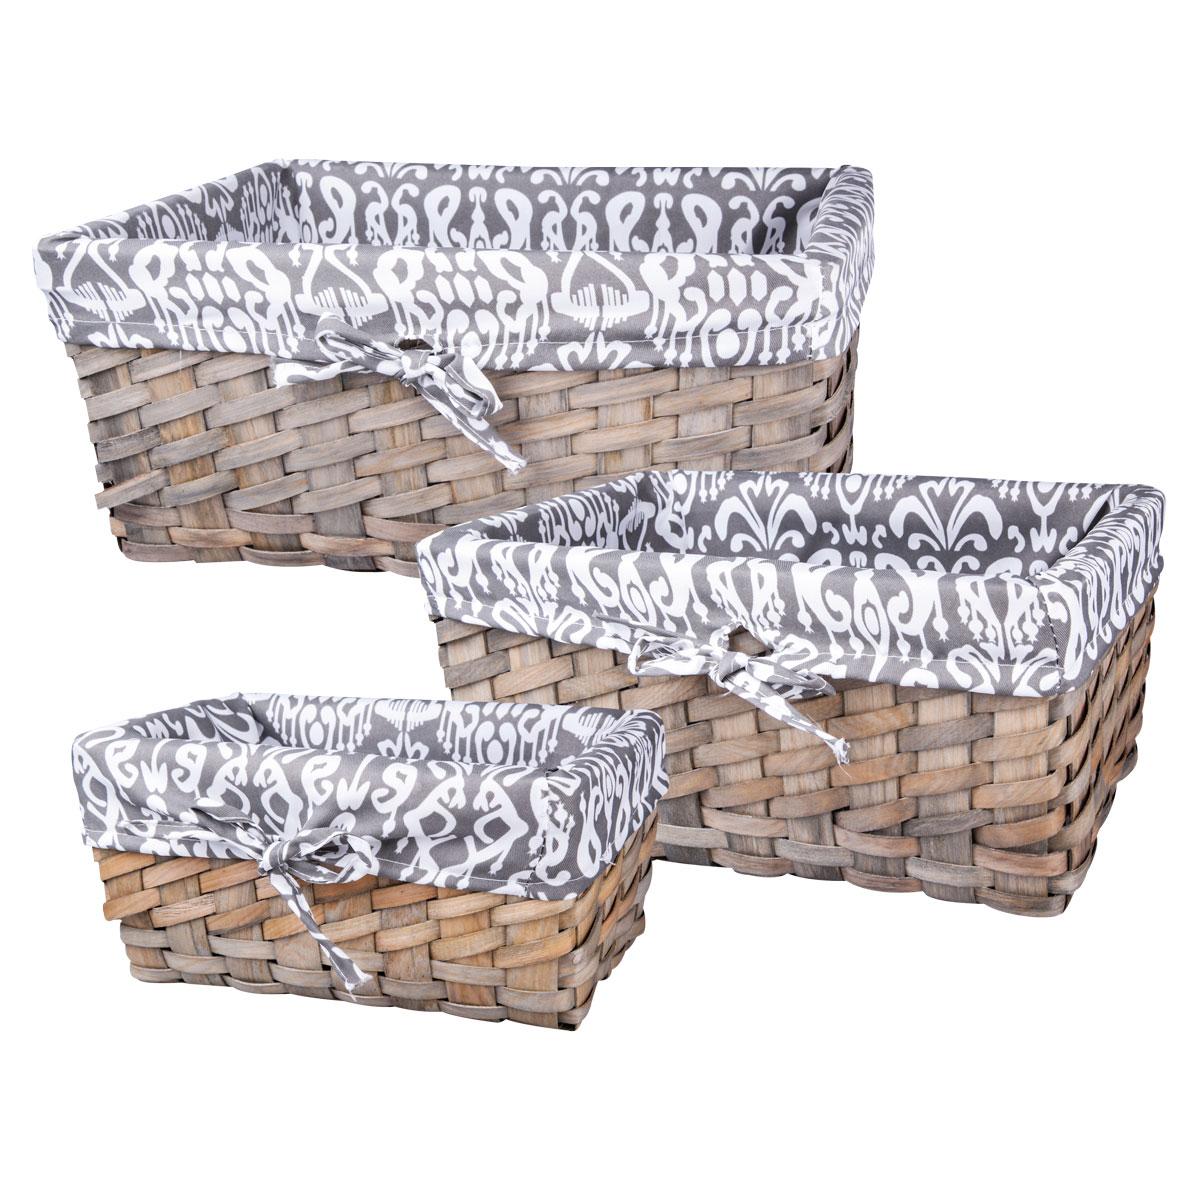 Набор плетеных корзинок Miolla, 3 шт. QL400435QL400435Набор Miolla состоит из трех прямоугольных плетеных корзинок разного размера. Изделия выполнены из плетеной древесины и обтянуты тканью с оригинальным принтом. Такие корзинки прекрасно подойдут для хранения хлеба и других хлебобулочных изделий, печенья, а также бытовых принадлежностей и различных мелочей. Стильный дизайн корзинок сделает их украшением интерьера помещения. Подойдут для кухни, спальни, прихожей, ванной. Размер малой корзины: 28 см х 16 см х 13 см. Размер средней корзины: 33 см х 22 см х 15 см. Размер большой корзины: 38 см х 26 см х 17 см.